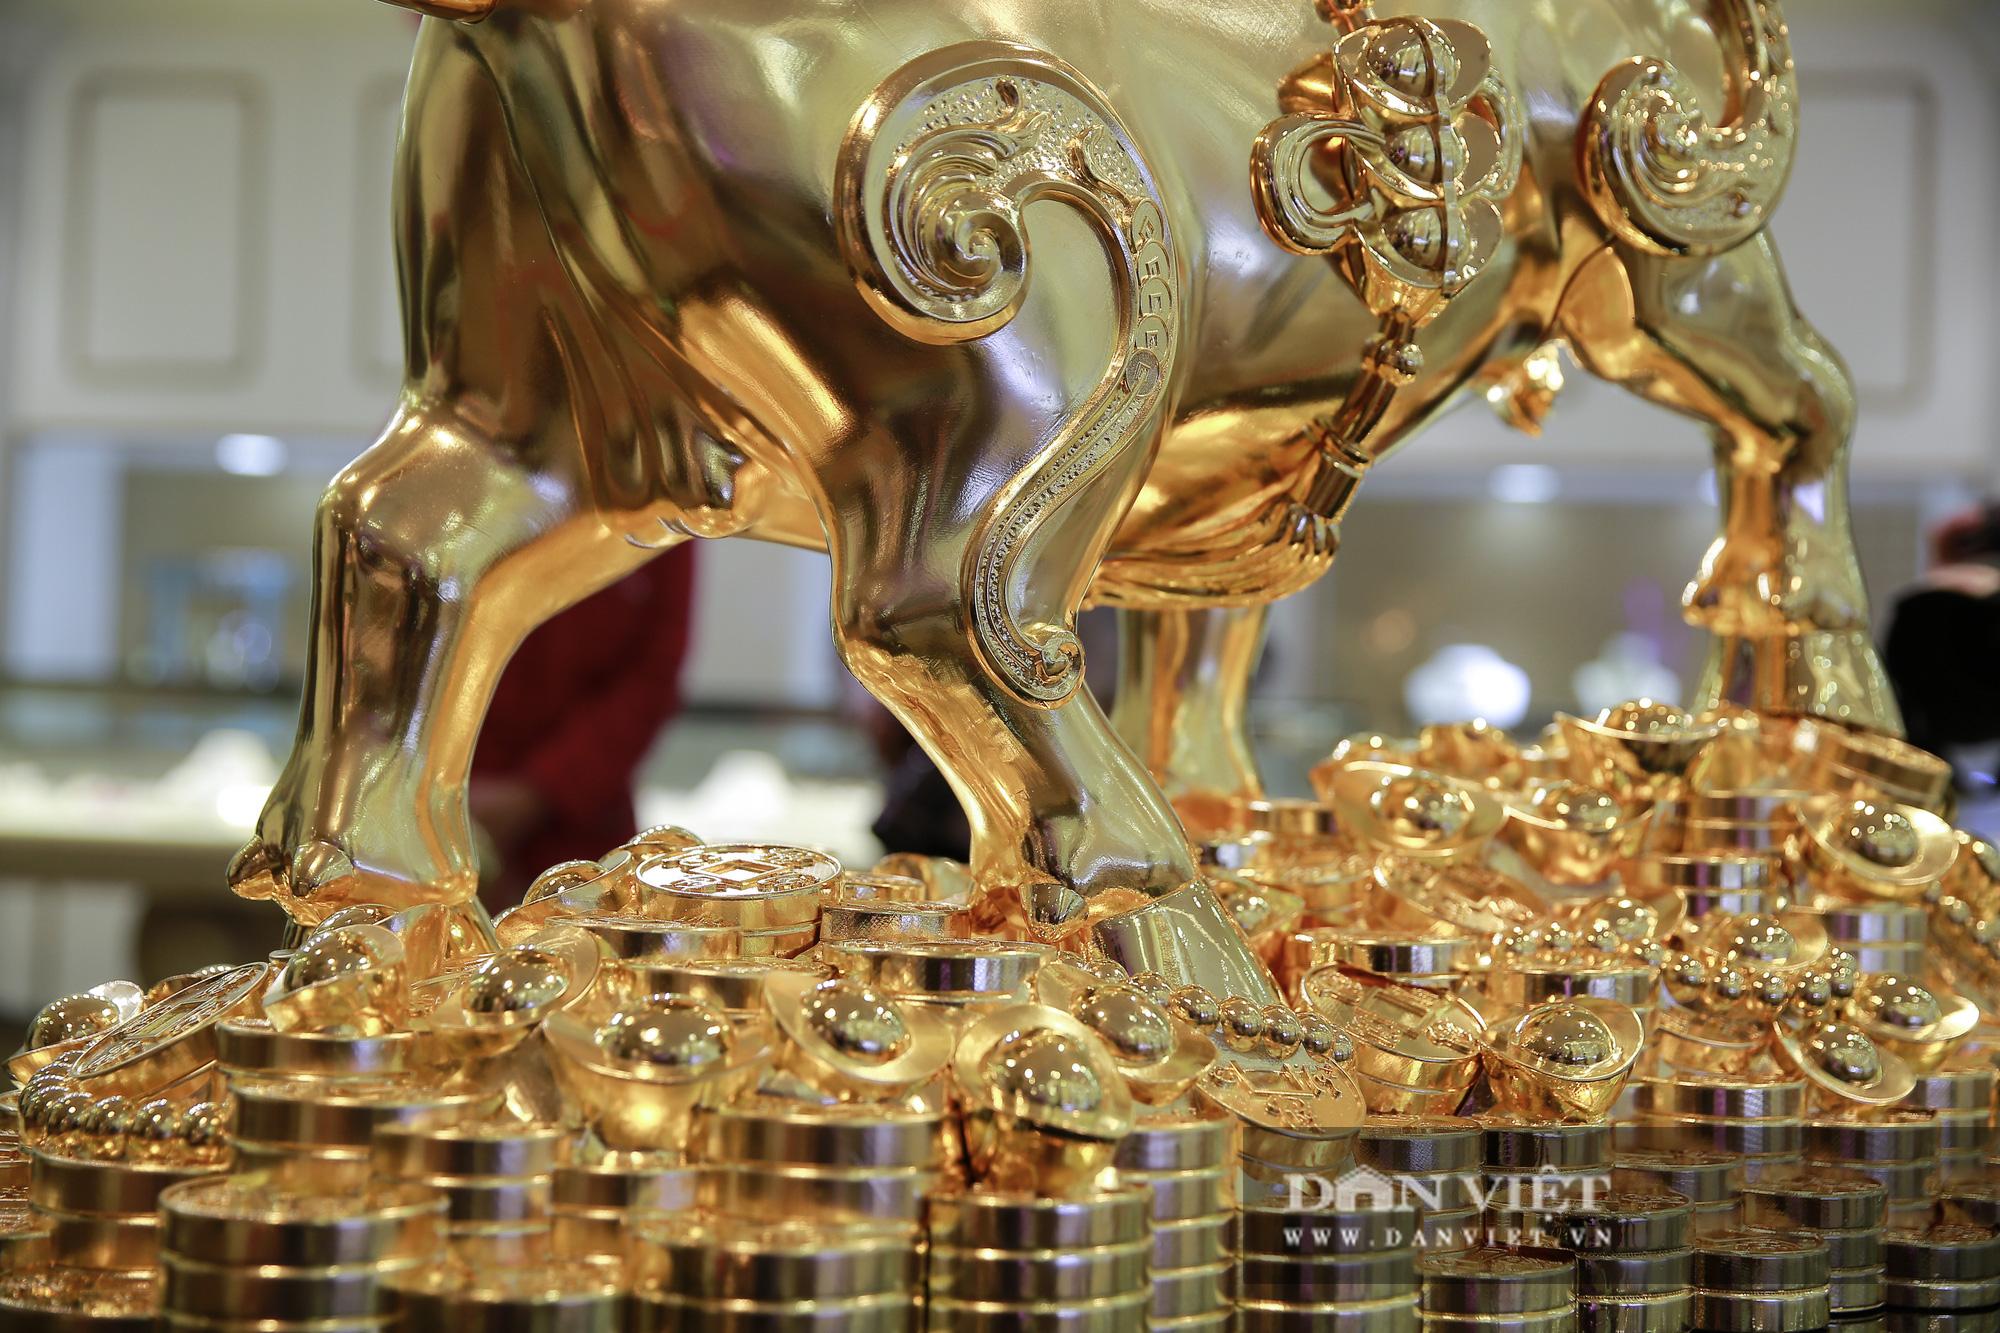 """Chiêm ngưỡng """"Kim Ngưu Vương Bảo"""" đúc từ 530 cây vàng trị giá 38 tỷ đồng - Ảnh 9."""